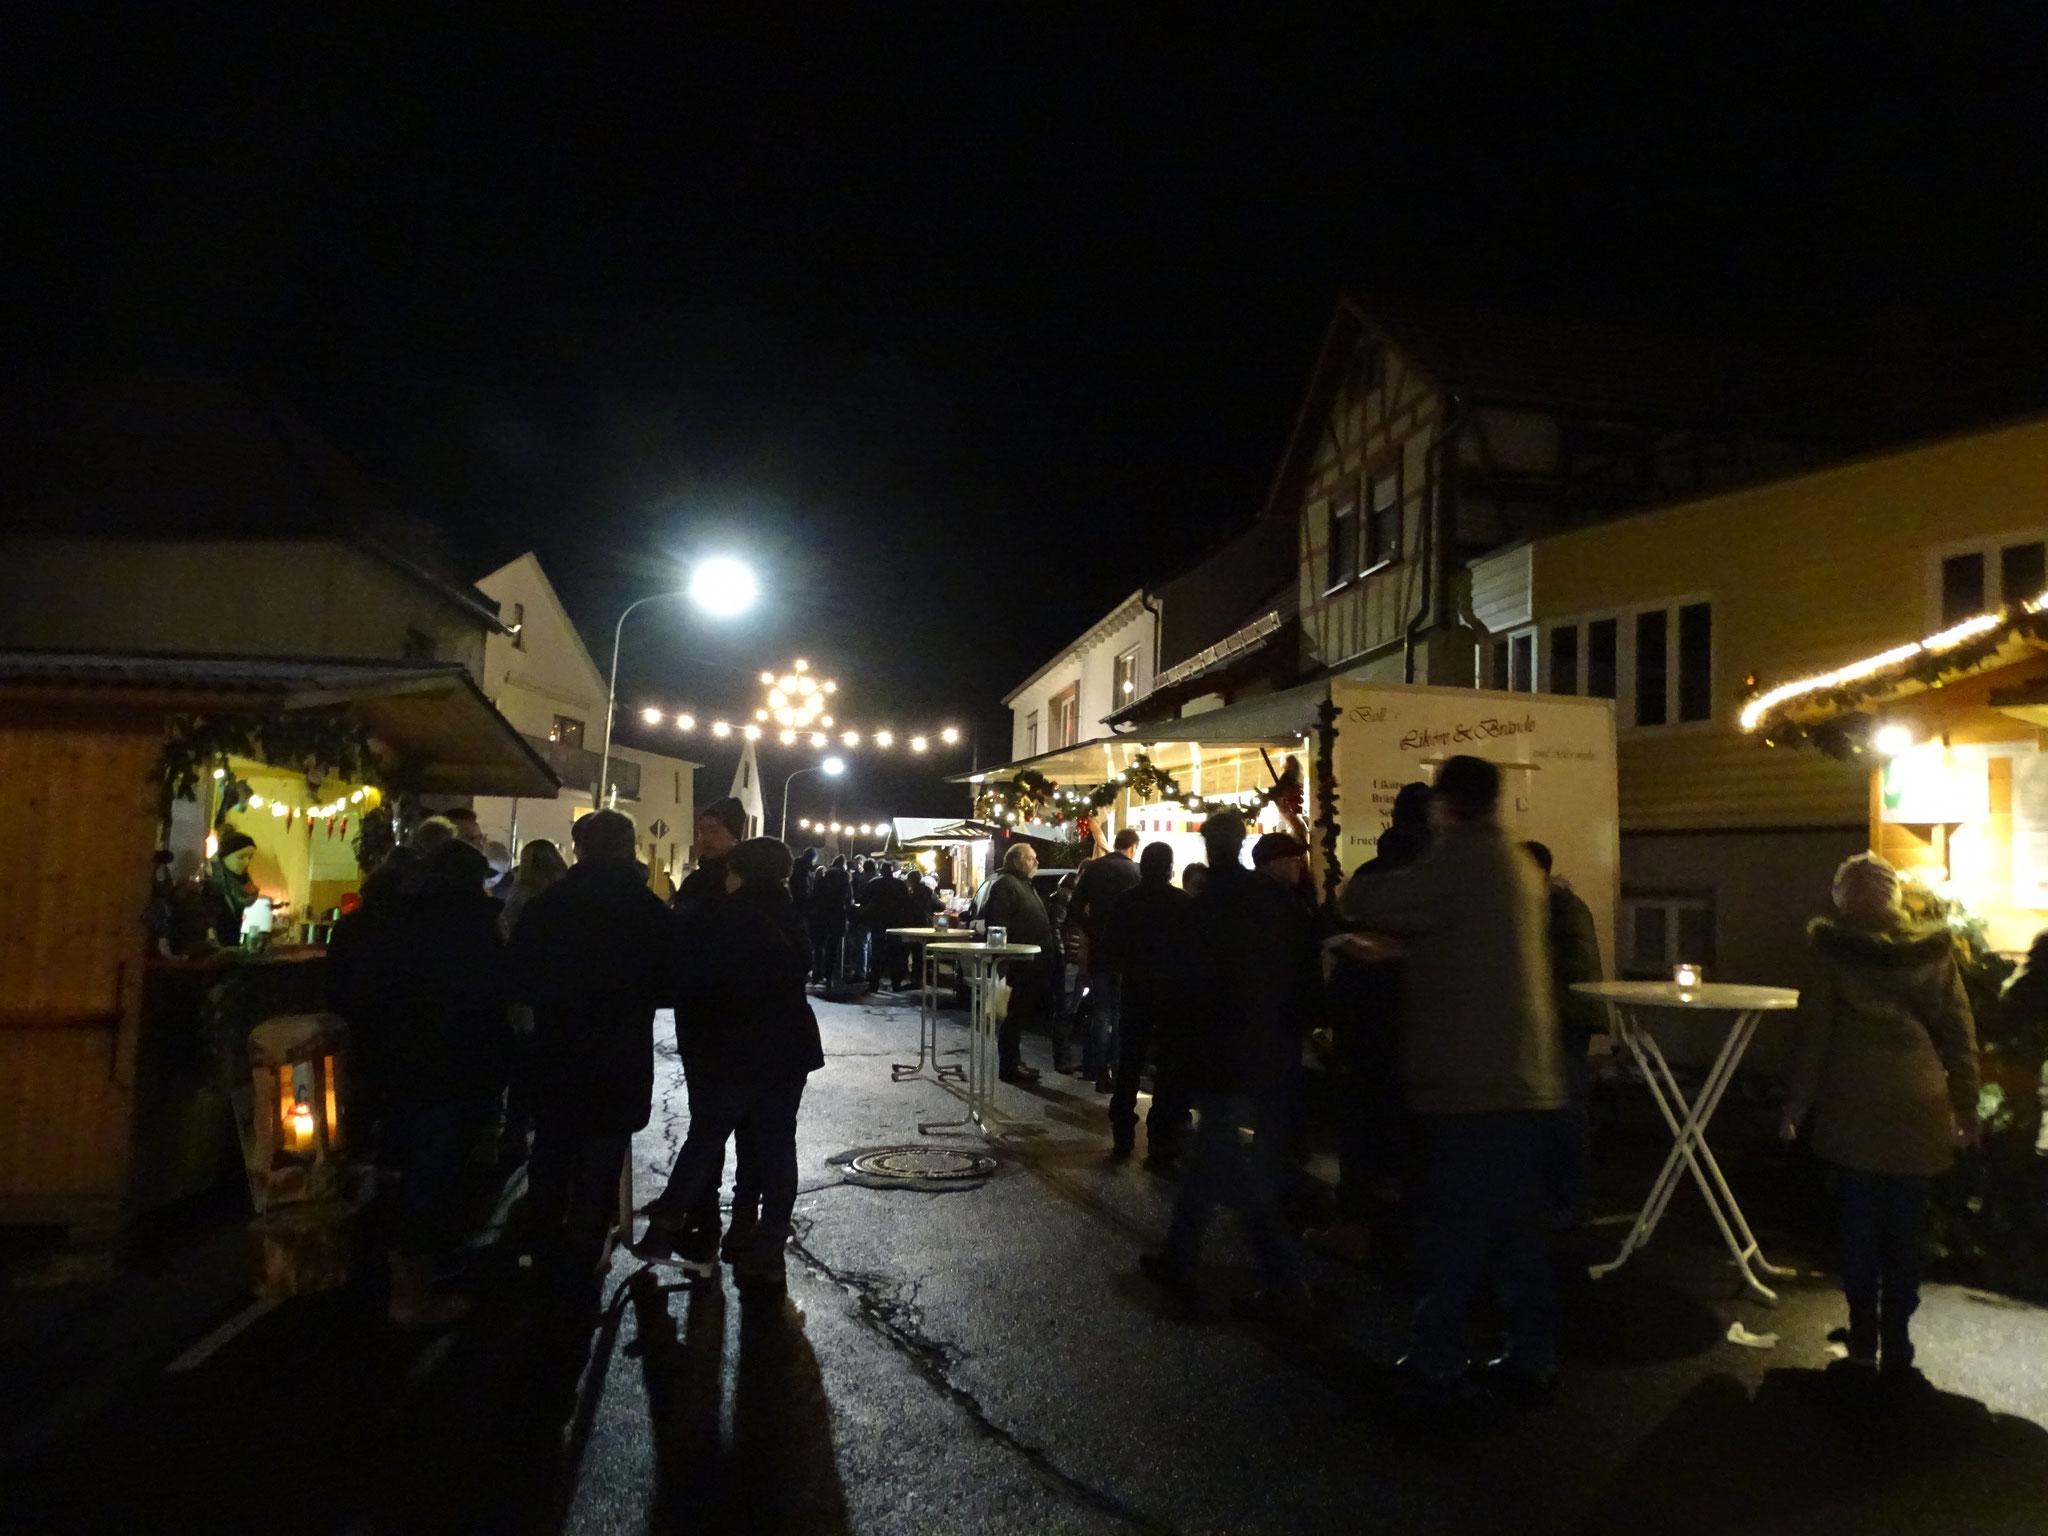 Weihnachtsmarkt Otzberg.Galerie Weihnachtsmarkt Uffm Hering Bärenstark